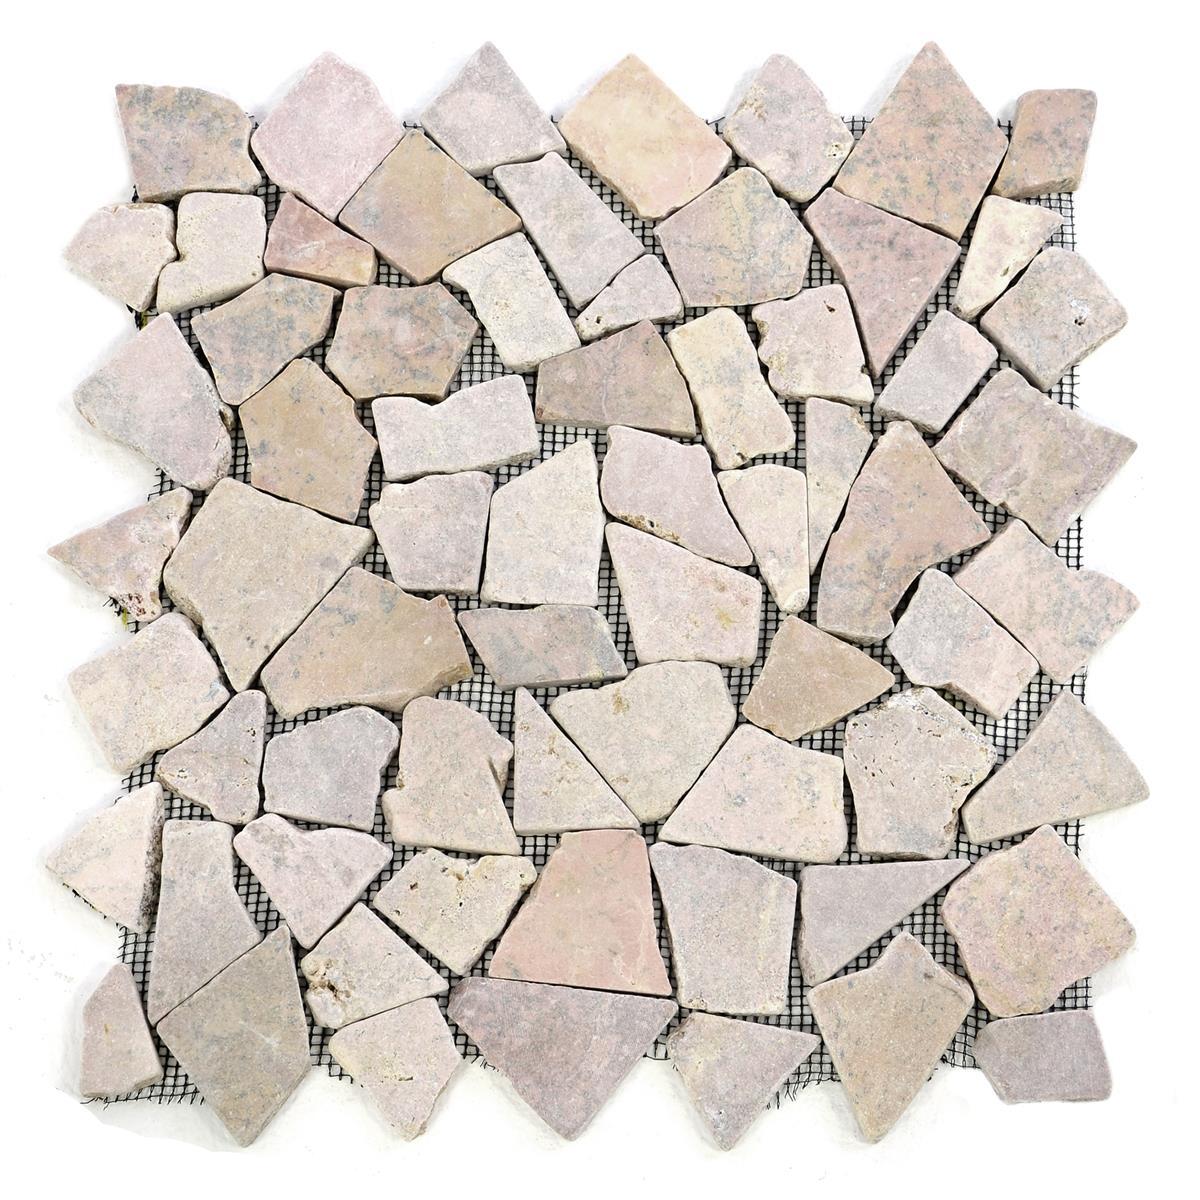 DIVERO 1 Fliesenmatte Naturstein Mosaik aus Marmor beige/rosa 35 x 35 cm